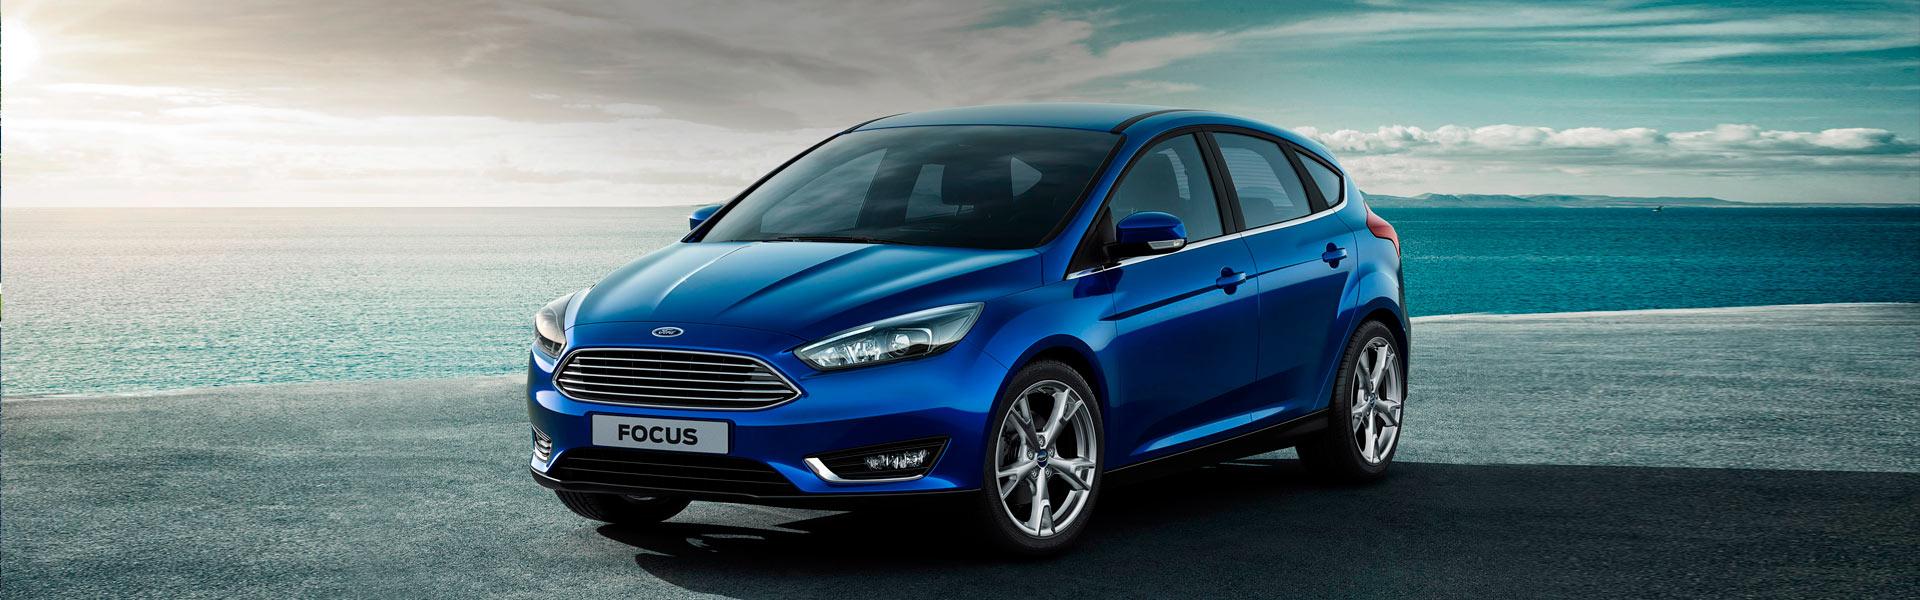 Замена фильтров Ford Focus